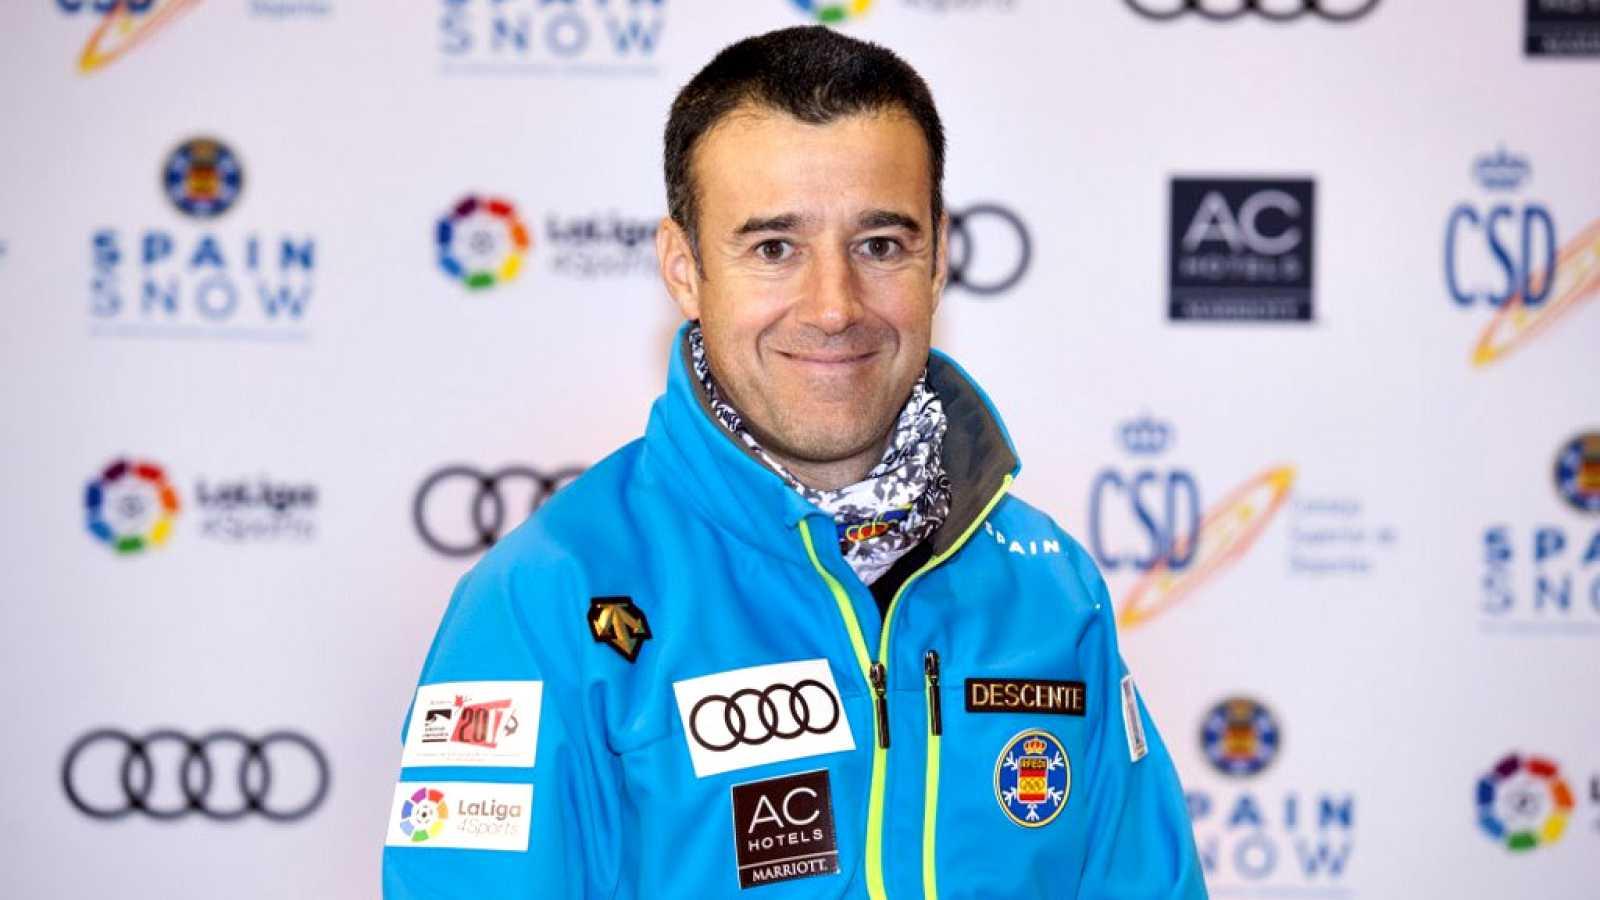 El presidente de la Real Federación Española de Deportes de Invierno (RFEDI) analiza las opciones españolas en los Juegos Olímpicos de Invierno de Pyeongchang 2018 y la nueva etapa que está por llegar en el organismo nacional.